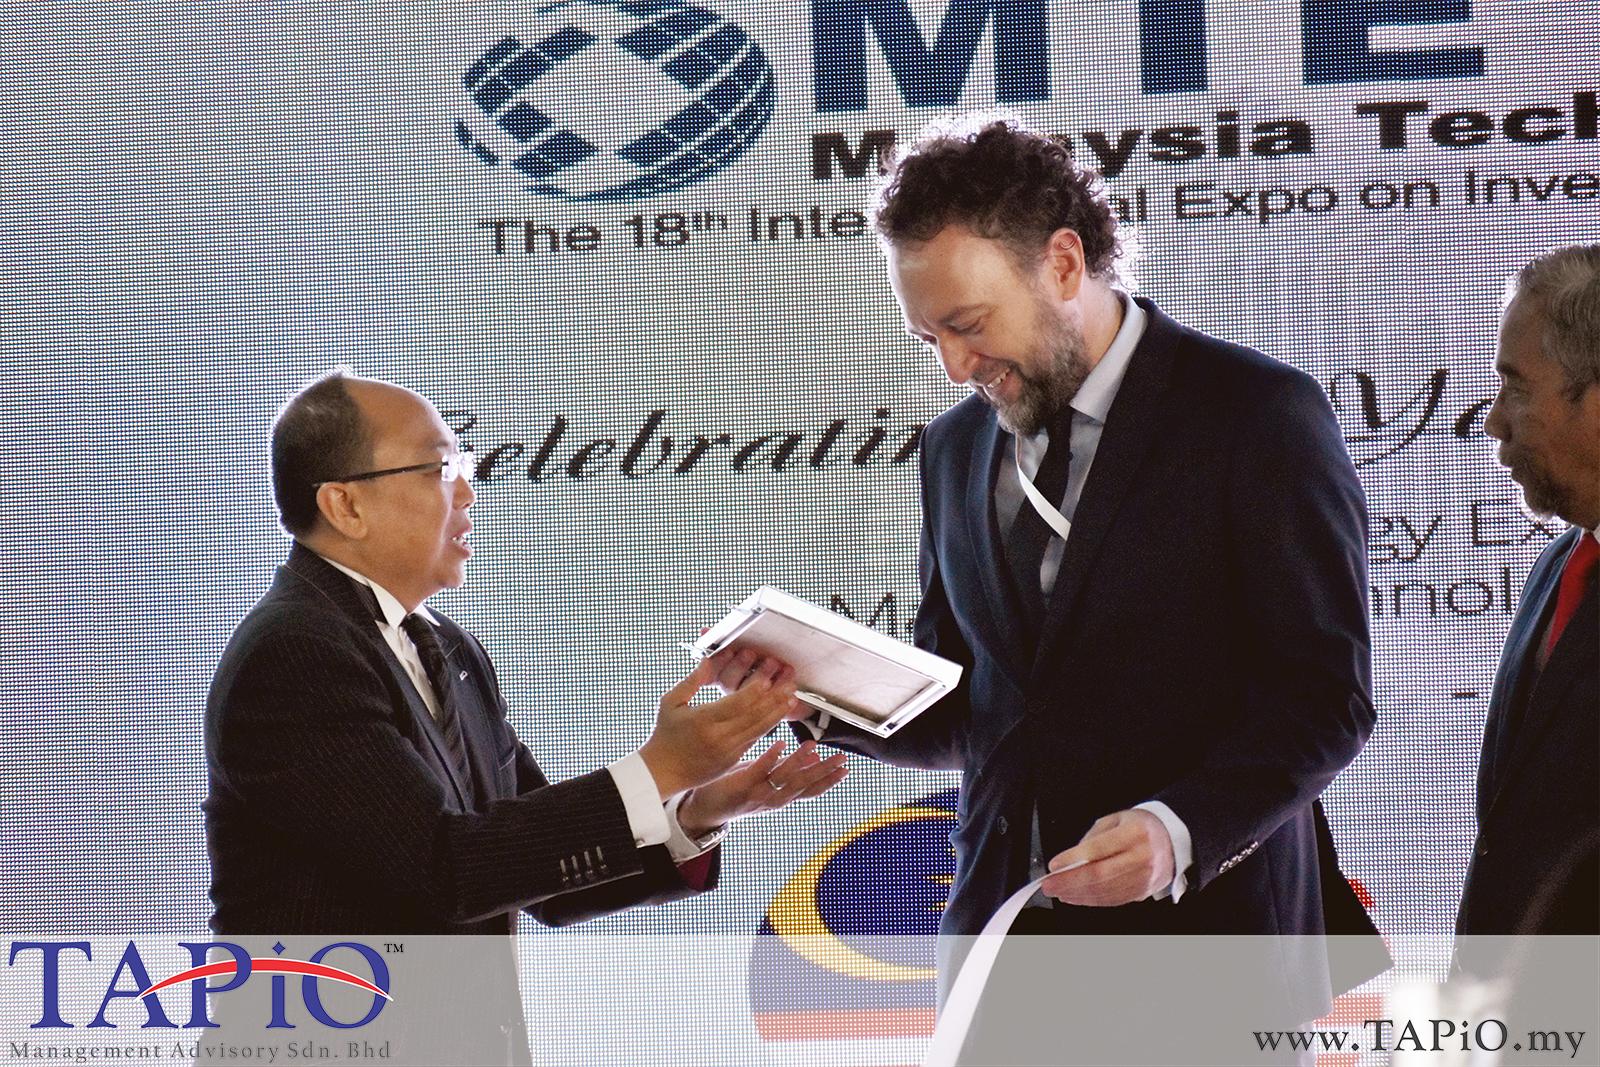 Malaysia Technology Expo - 21/02/2019 (9)